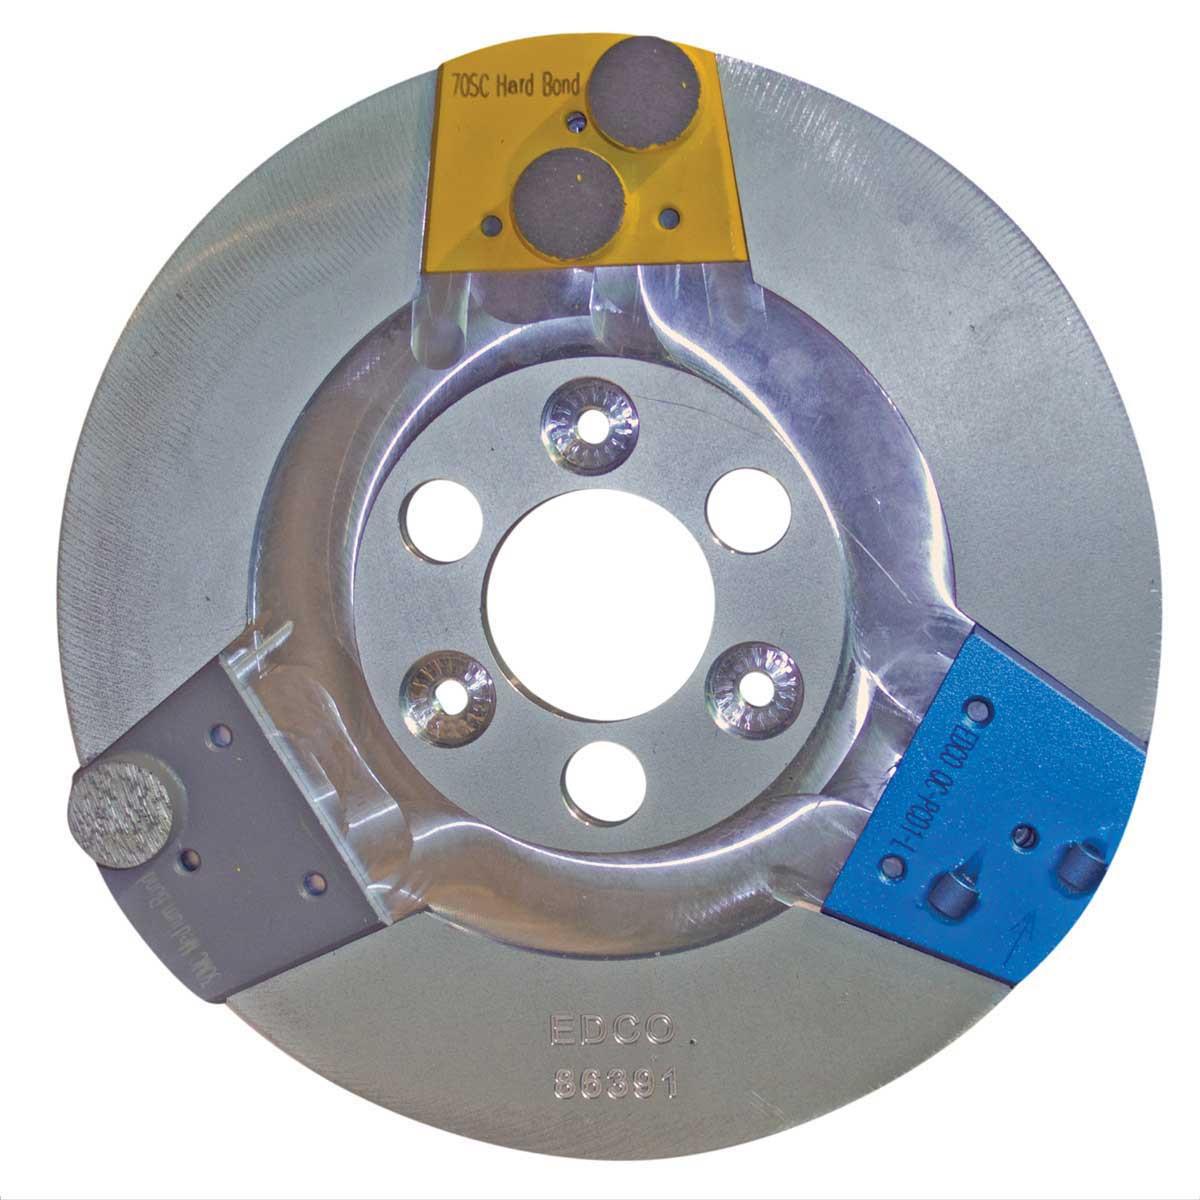 Edco MAGNA-TRAP Single Disc Floor Grinder. 1.5 hp. 120V. Contractors ...